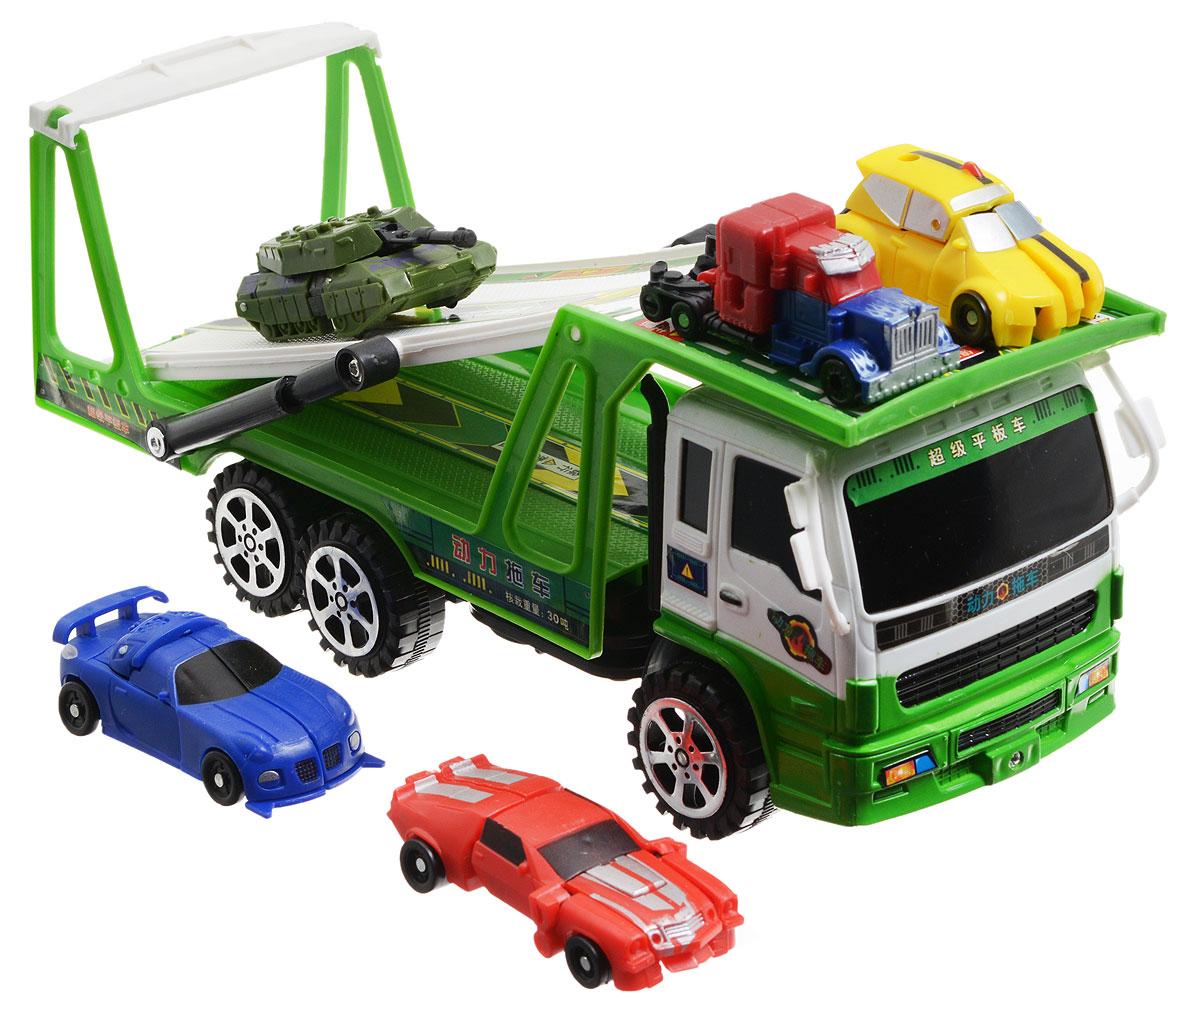 Junfa Toys Игровой набор Автовоз и 5 машинок-трансформеров цвет автовоза зеленыйHX8000BИгровой набор Junfa Toys Автовоз непременно станет любимой игрушкой вашего малыша. В набор входит автовоз и пять машинок-трансформеров разных моделей и цветов. Маленькие машинки легко трансформируются в оригинальных роботов. У автовоза наклоняется верхняя площадка и откидывается пандус, чтобы машинкам было удобнее заезжать на него. Автовоз оснащен инерционным механизмом: нужно немного подтолкнуть машинку вперед или назад, и она сама поедет в этом же направлении. Ваш ребенок будет часами играть с этим набором, придумывая различные истории. Порадуйте его таким замечательным подарком!